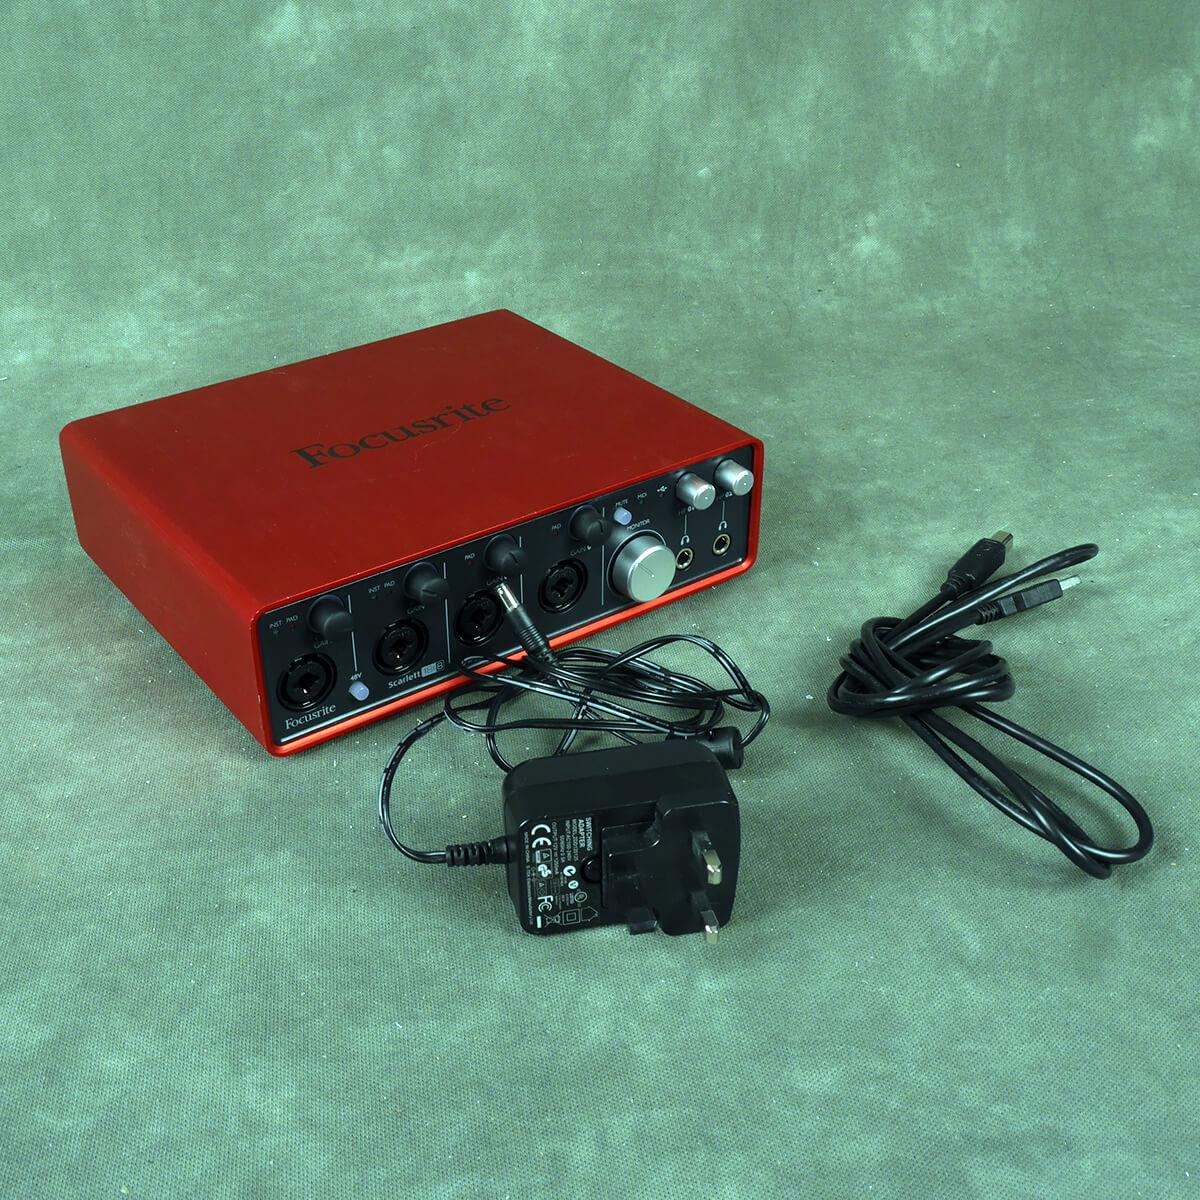 Focusrite Scarlett 18i8 2nd Gen Audio Interface - 2nd Hand